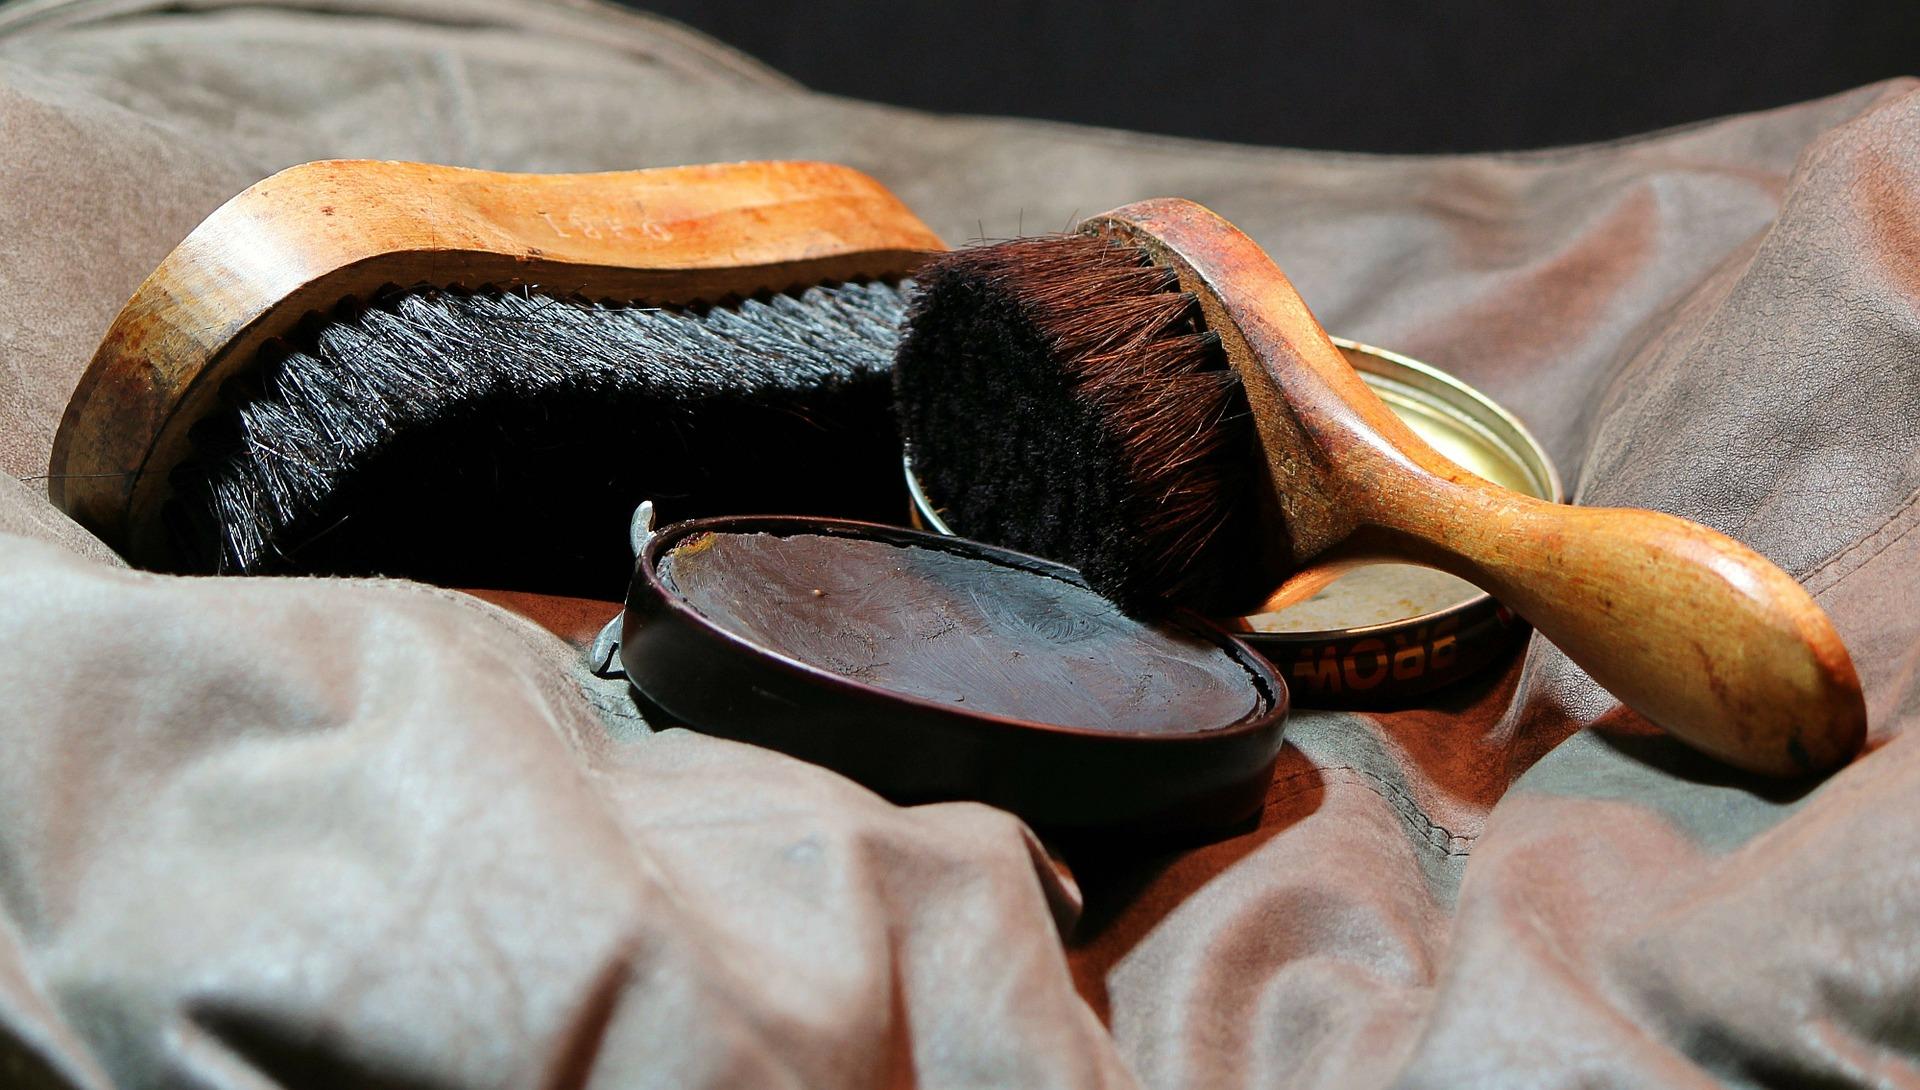 Schuhputzmaschine vereint alles, was manuell benoetigt wird